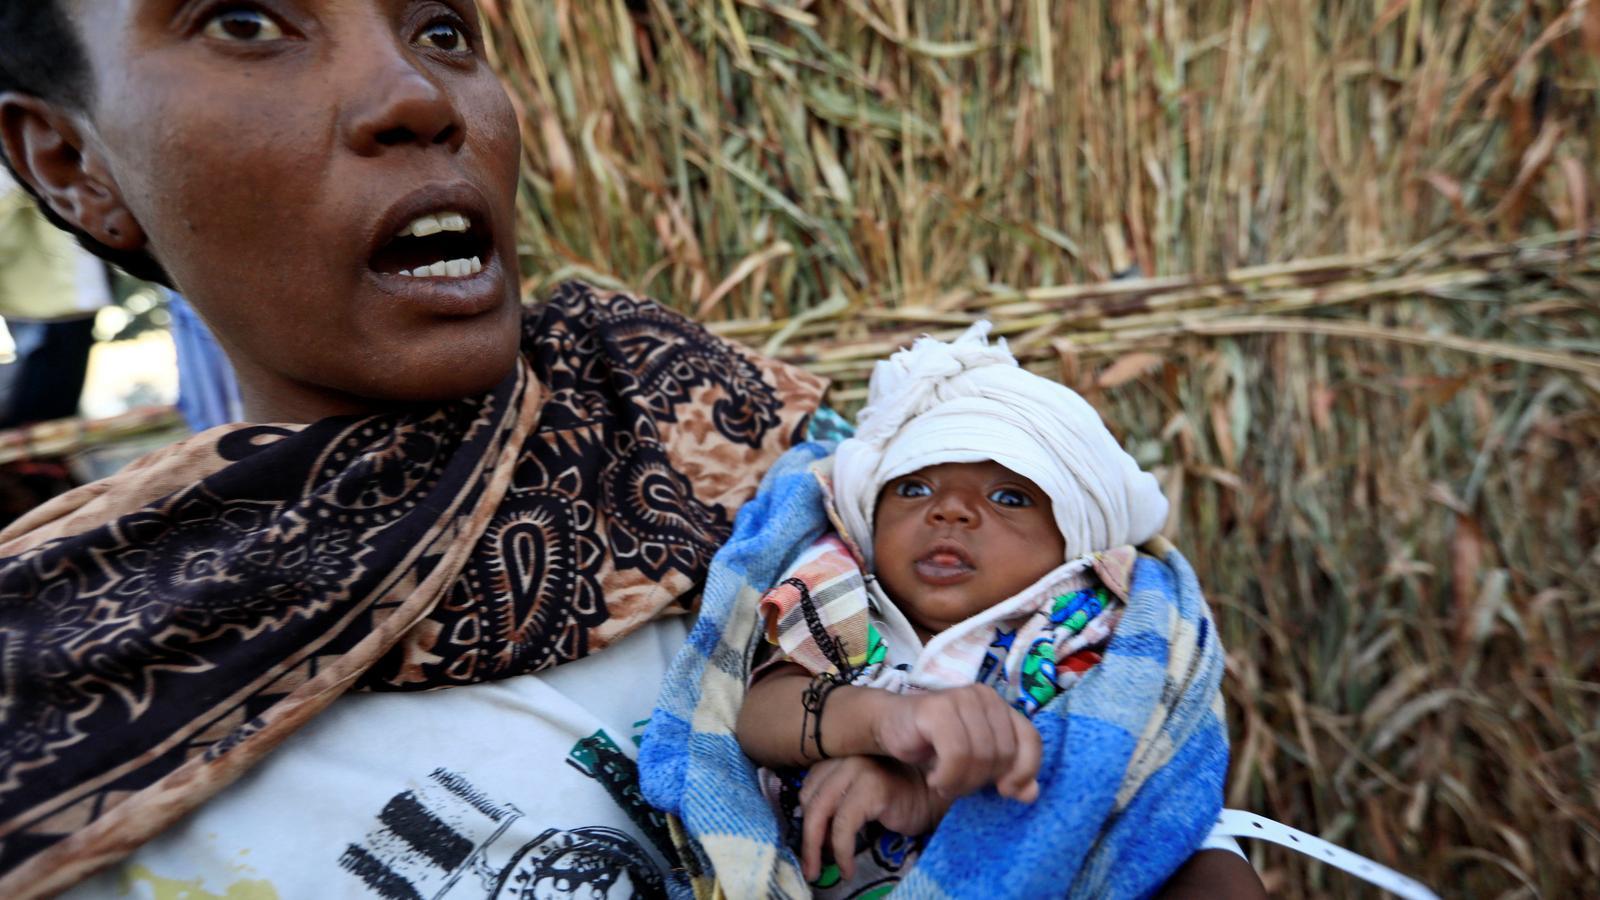 Un nadó i una dona mentre fugen de la regió del Tigre i arriben al Sudan.